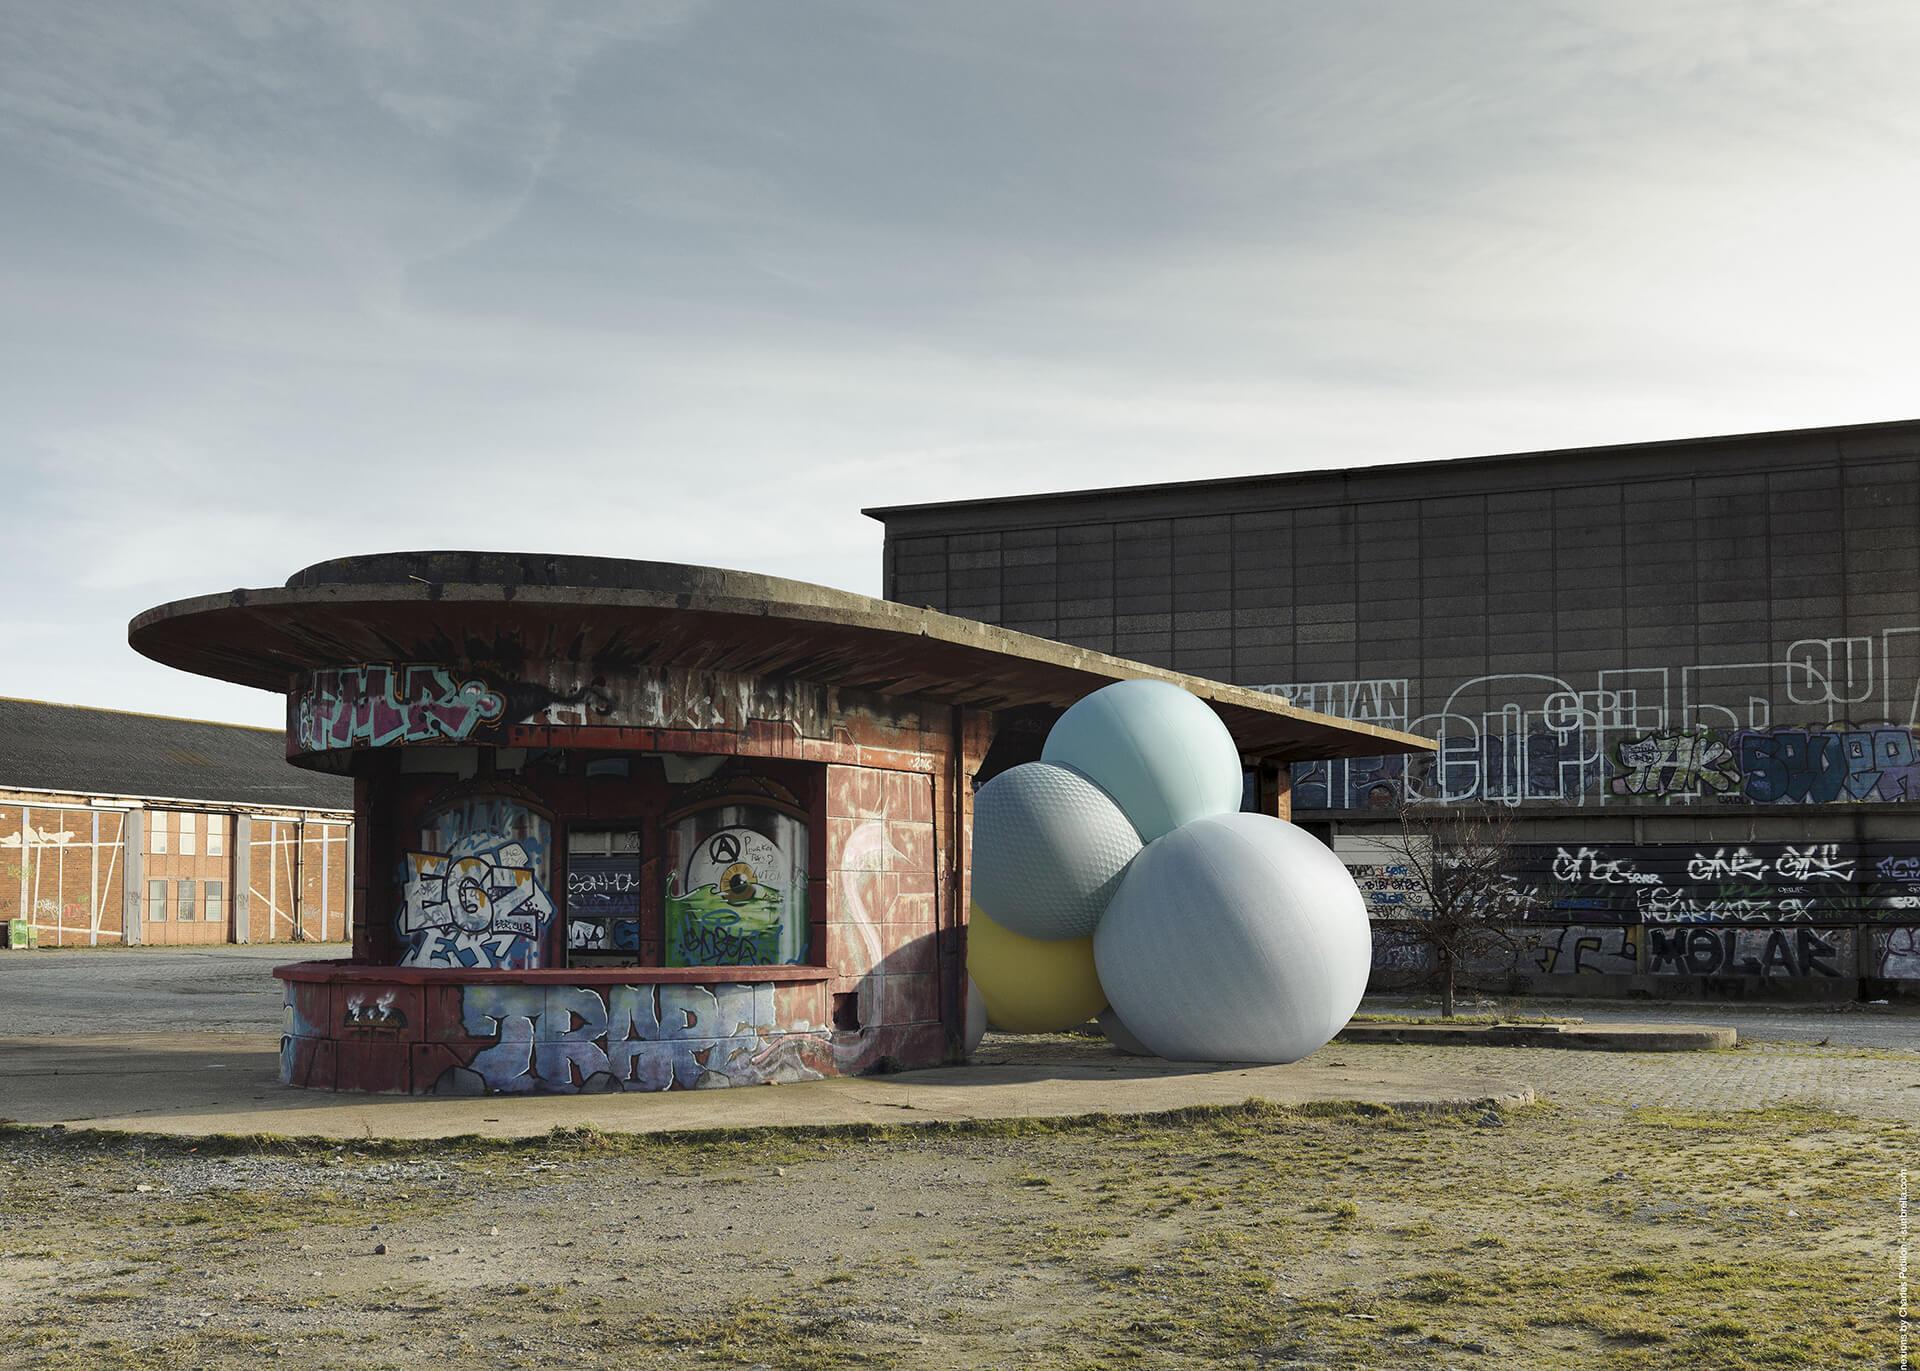 停落在涂鸦艺术建筑外的 Sunbrella Connexions 气球。